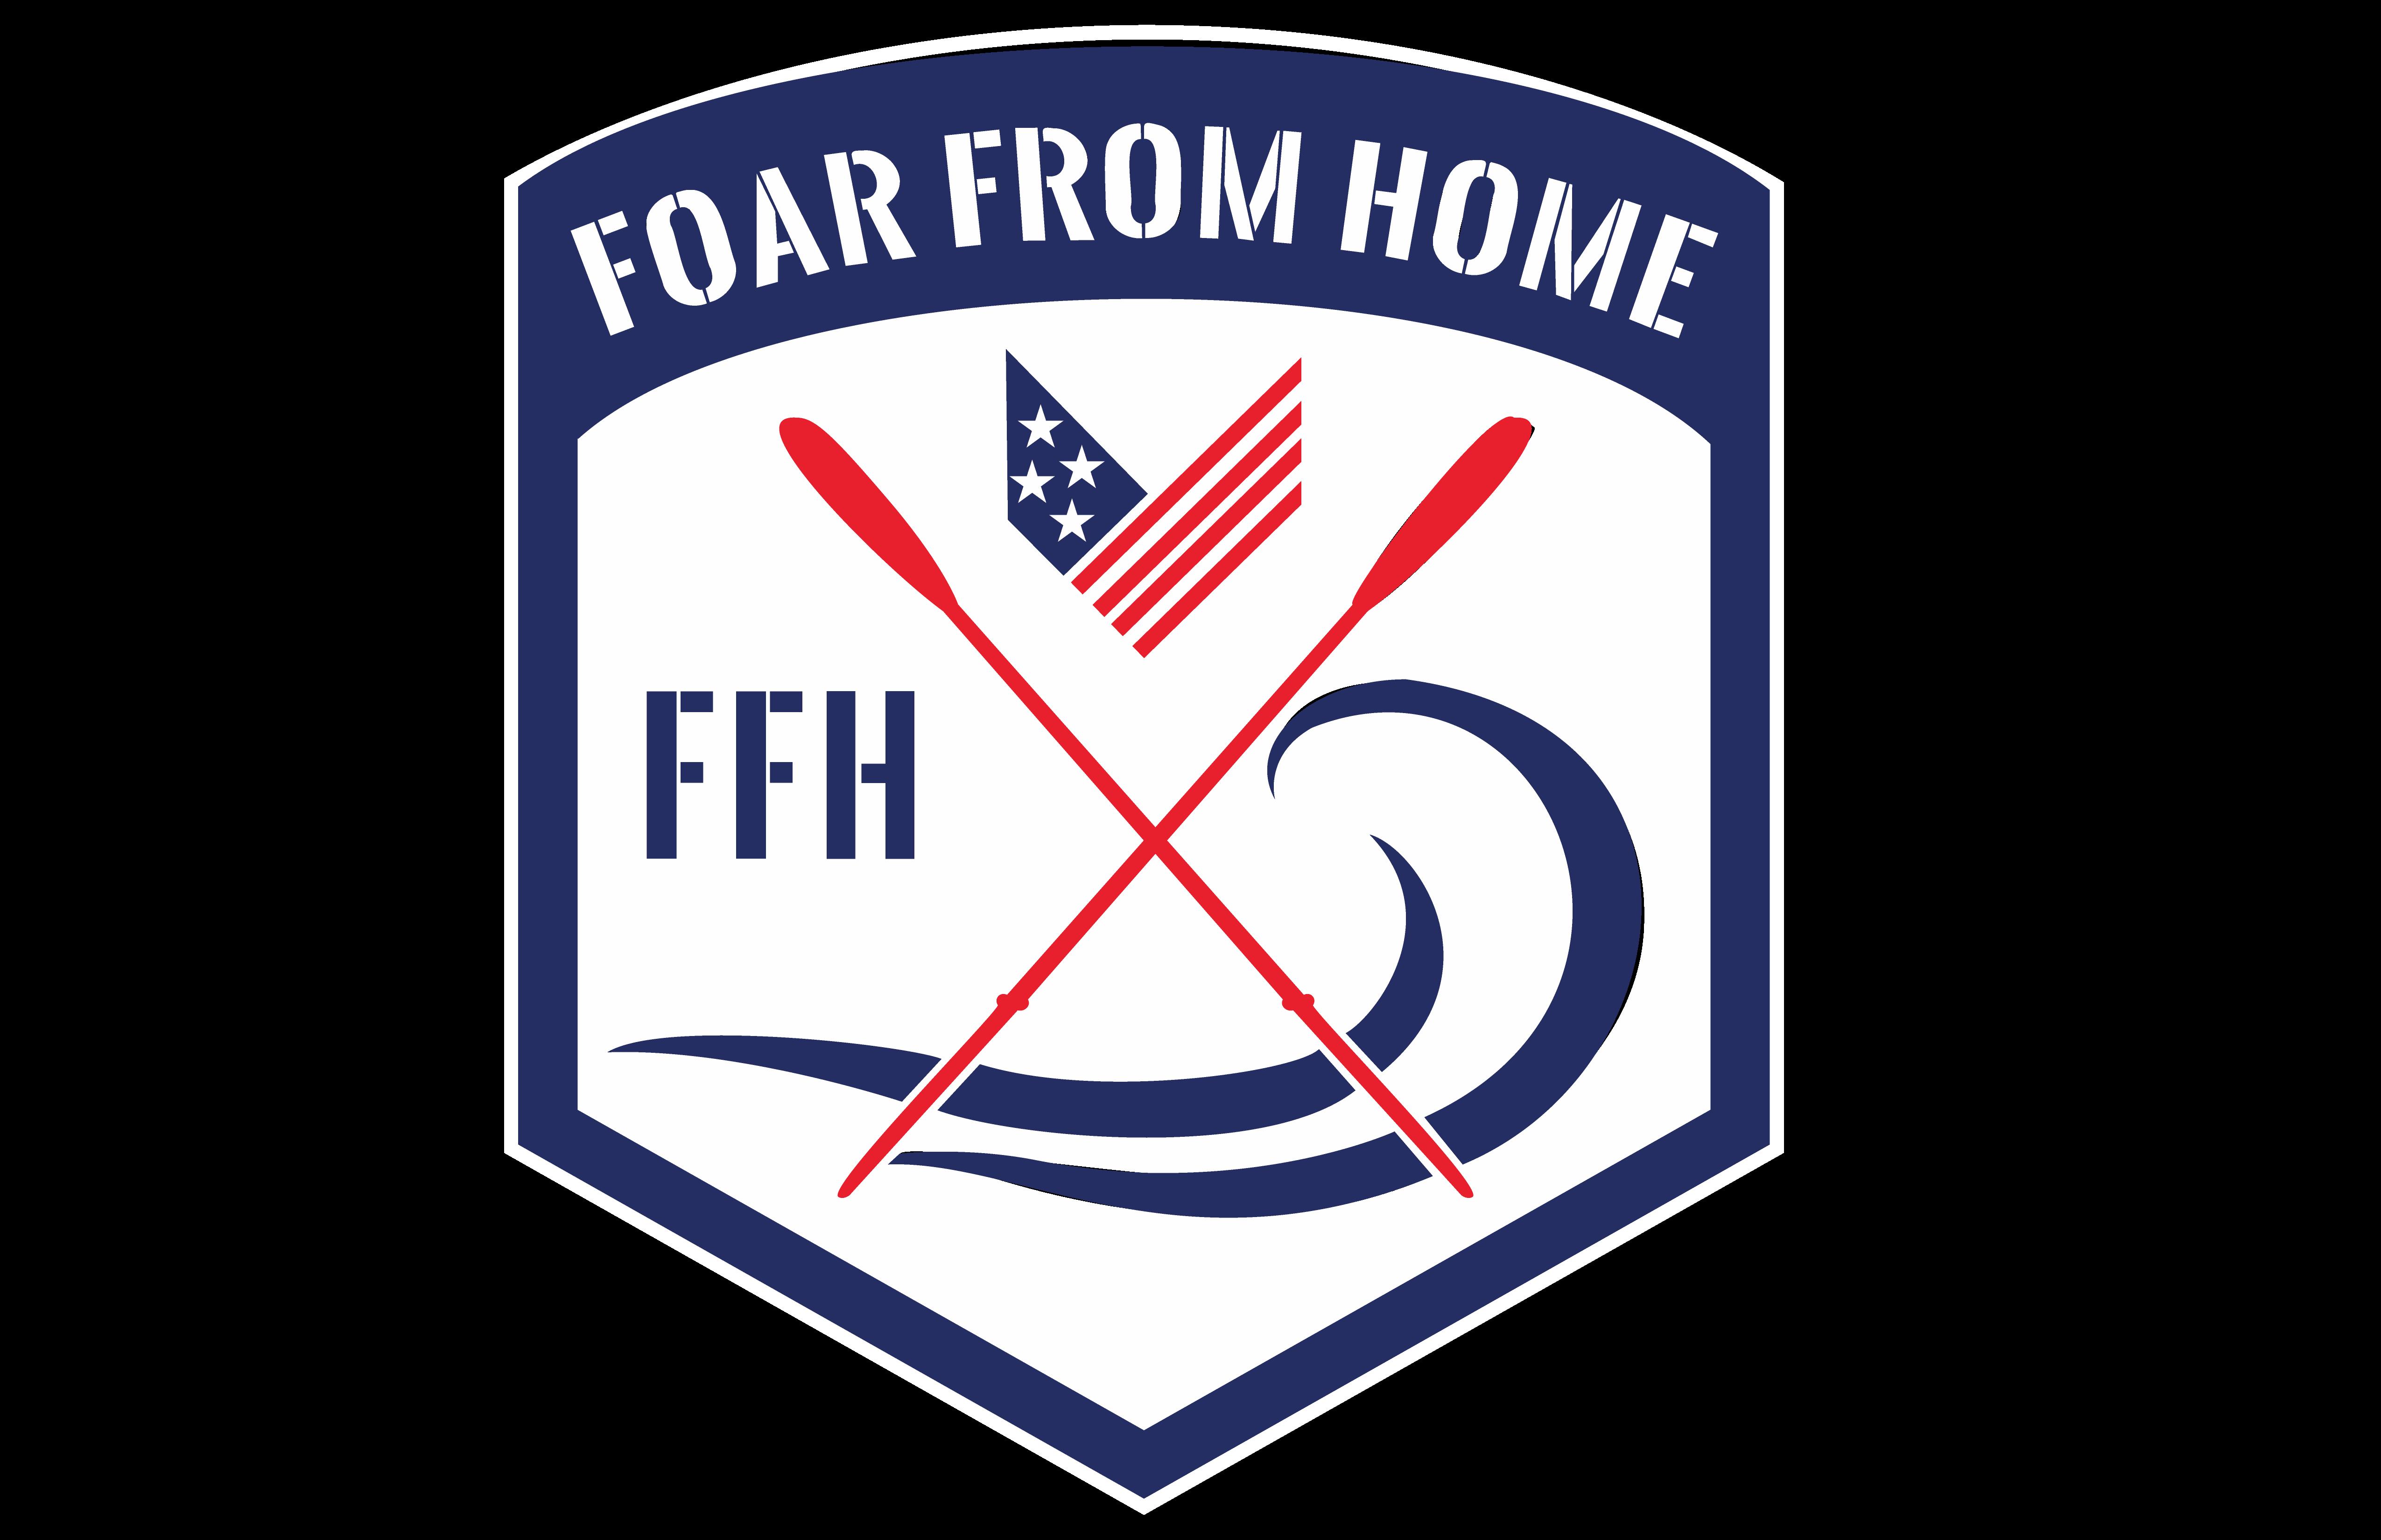 FoarFromHome_Logo_LightBoarder